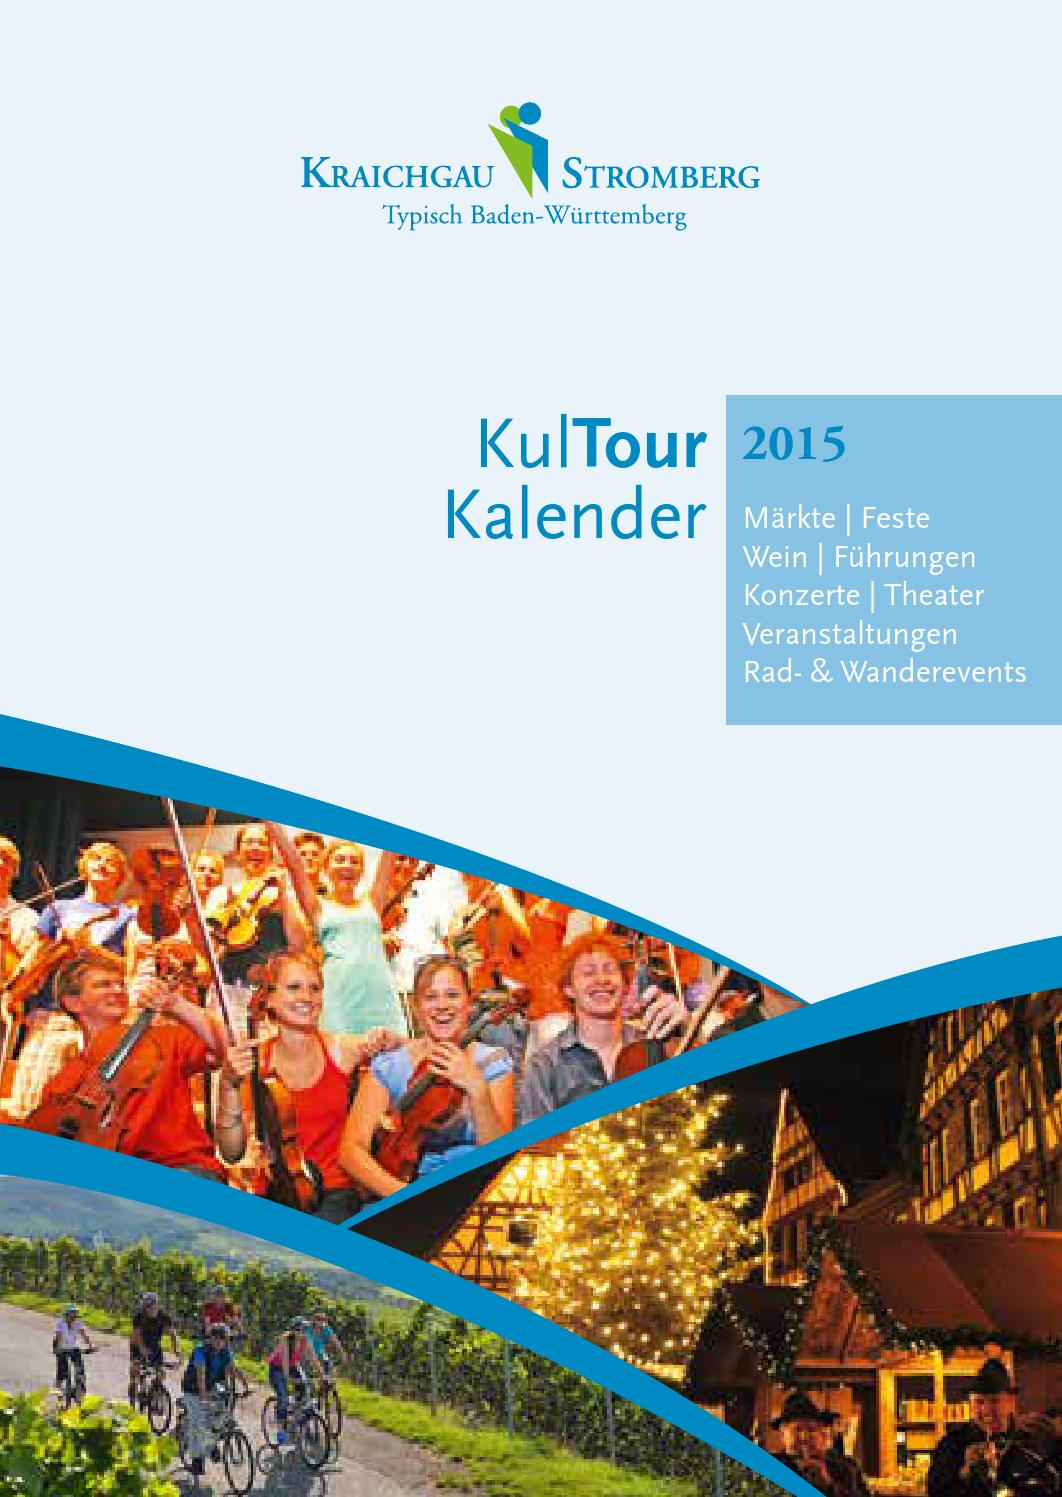 kultour kalender 2015 feste feiern im kraichgau